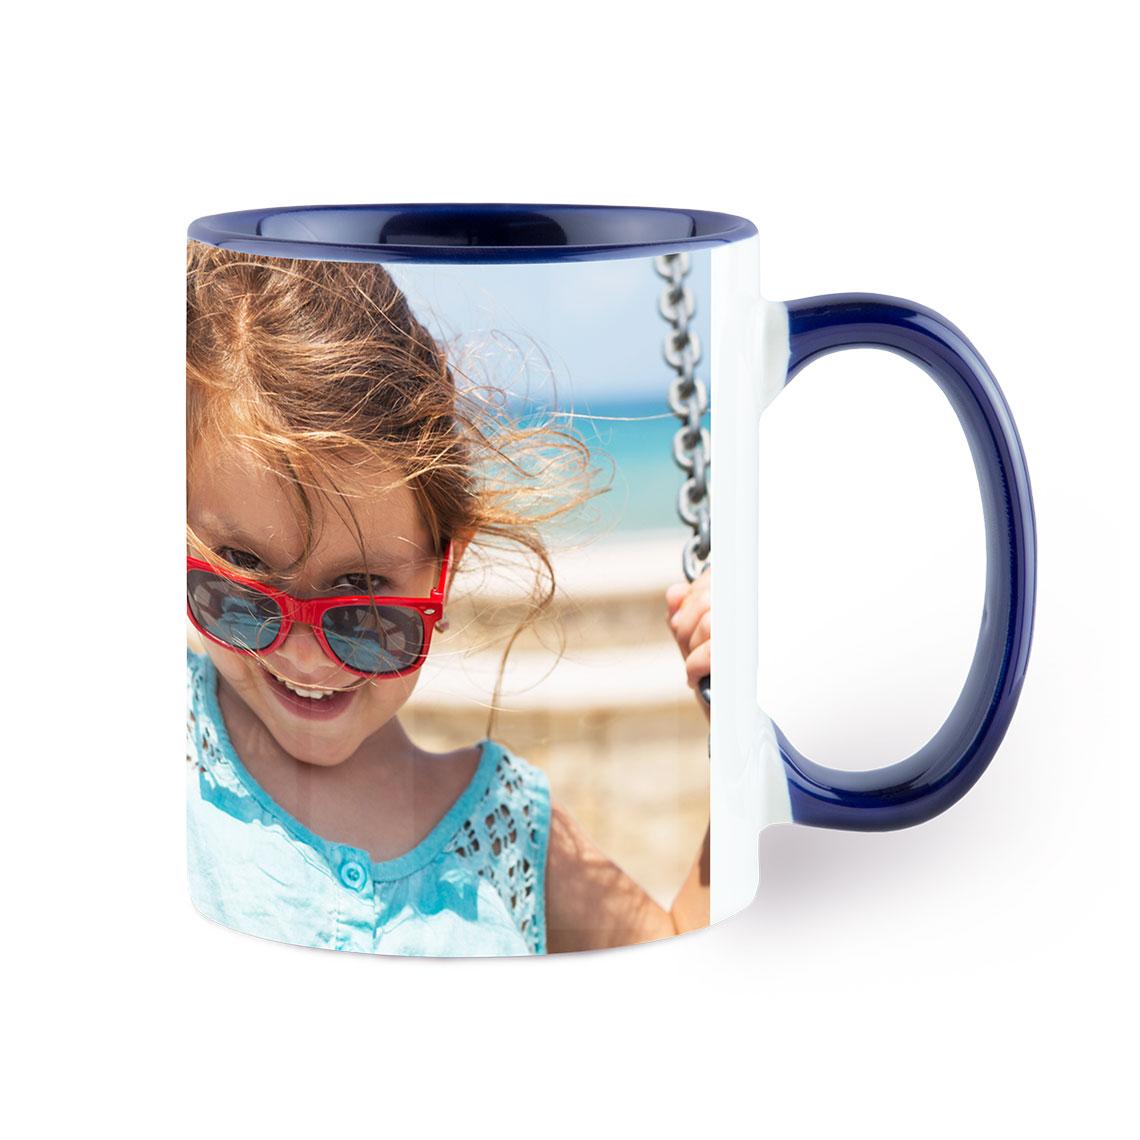 navy coffee mug 11 oz navy colorful mug mugs gifts snapfish us